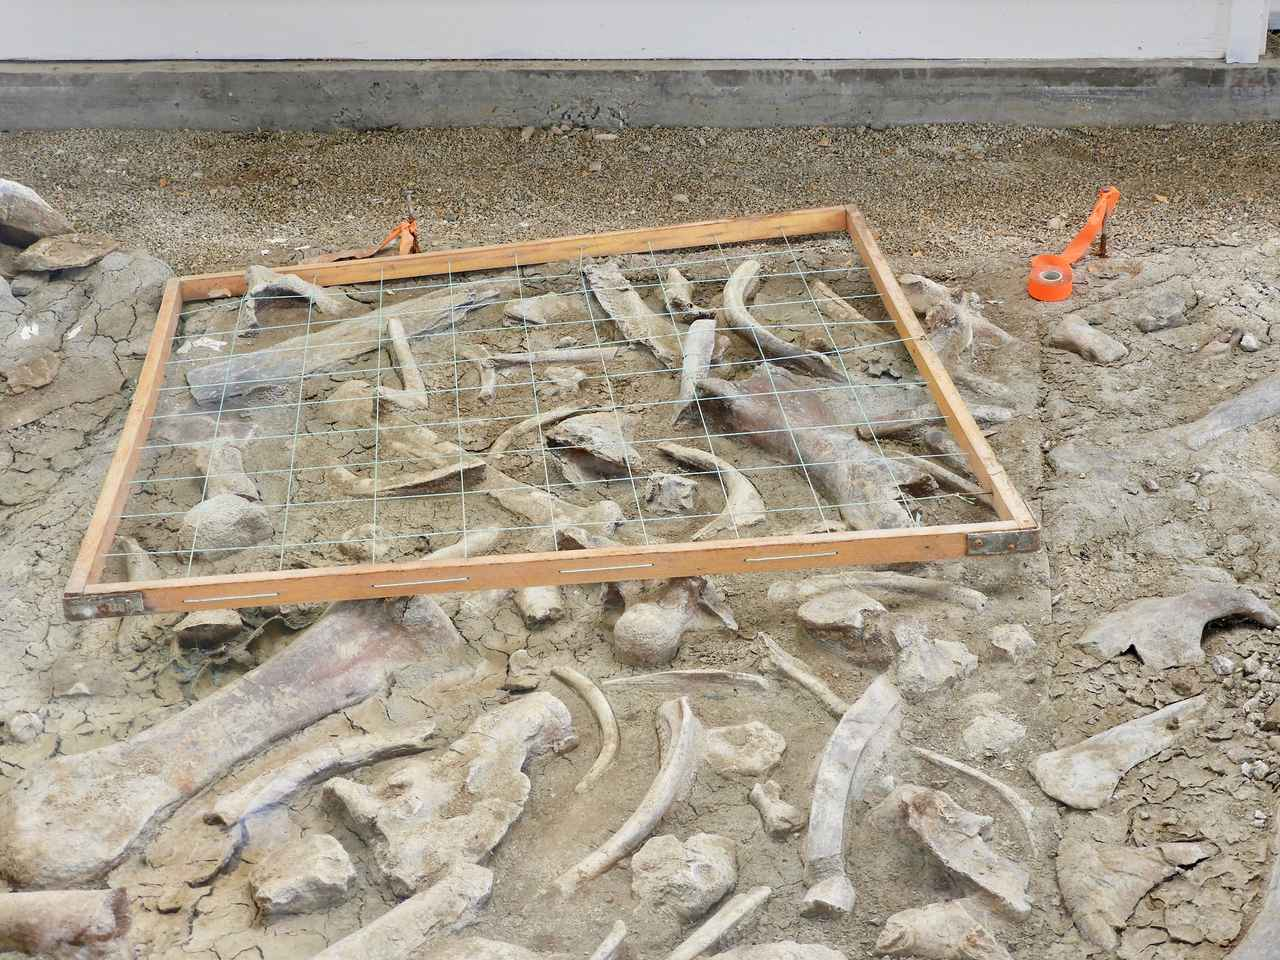 画像: 恐竜の化石発掘場所/弊社スタッフ撮影